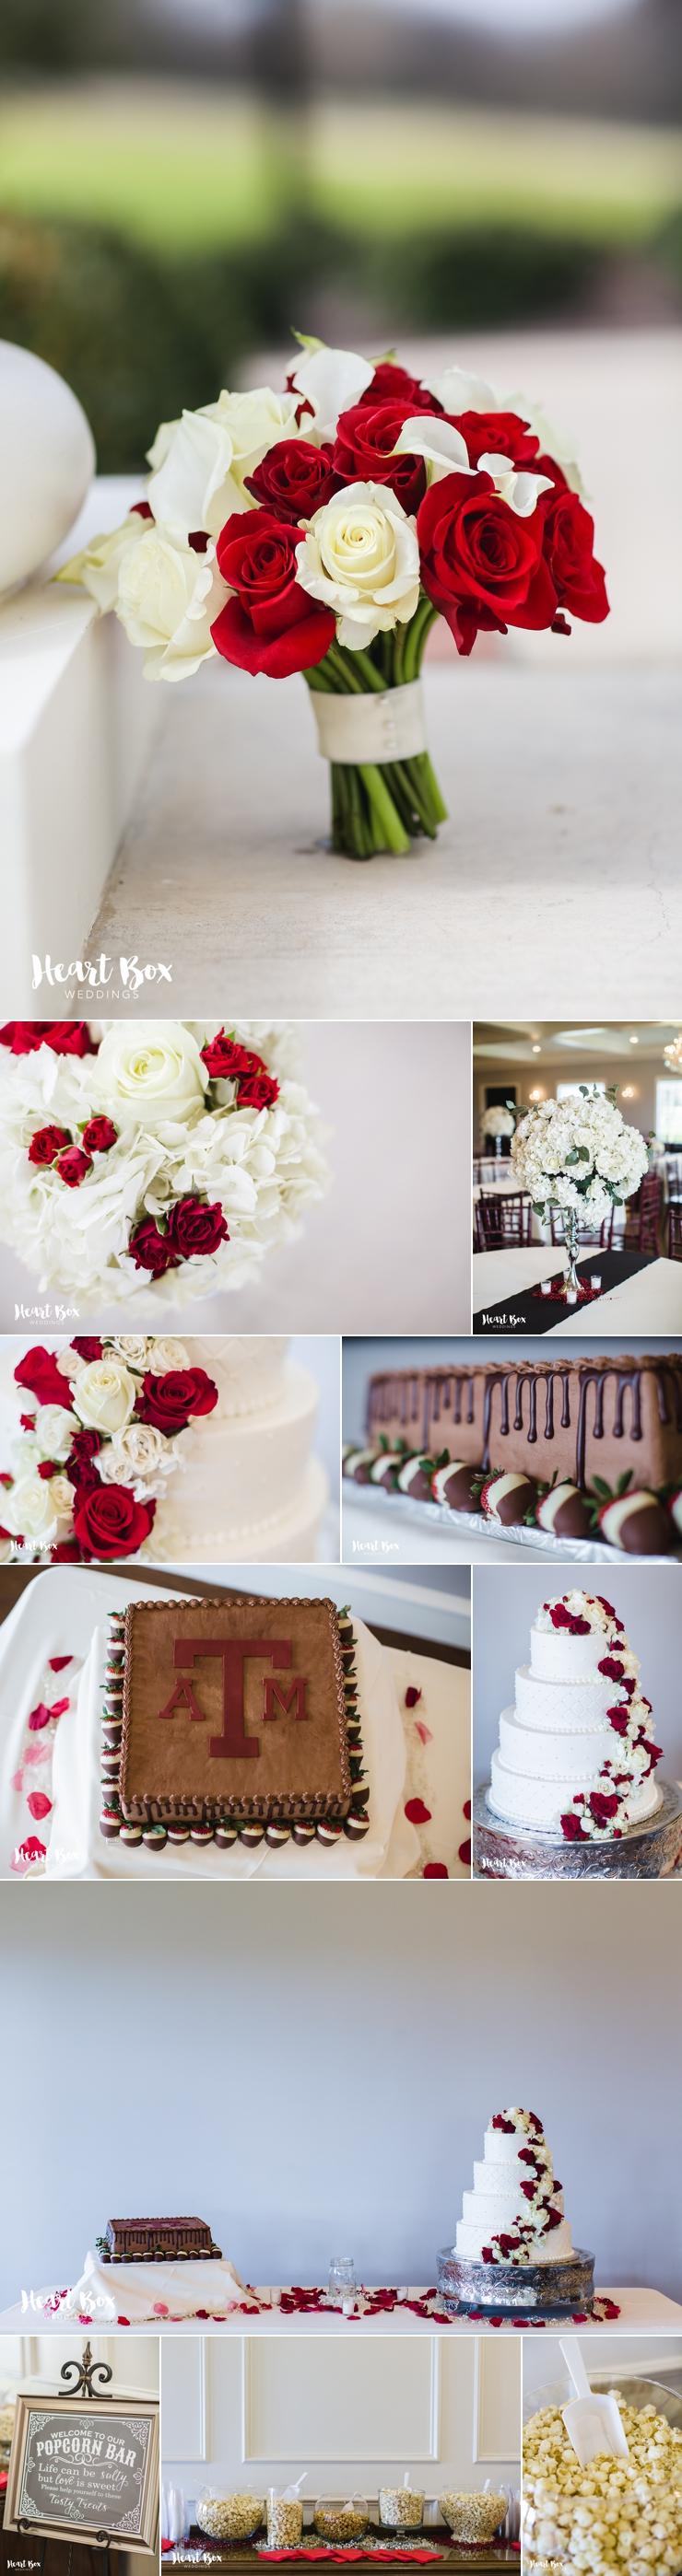 Vanderpool Wedding - Blog Collages 2.jpg